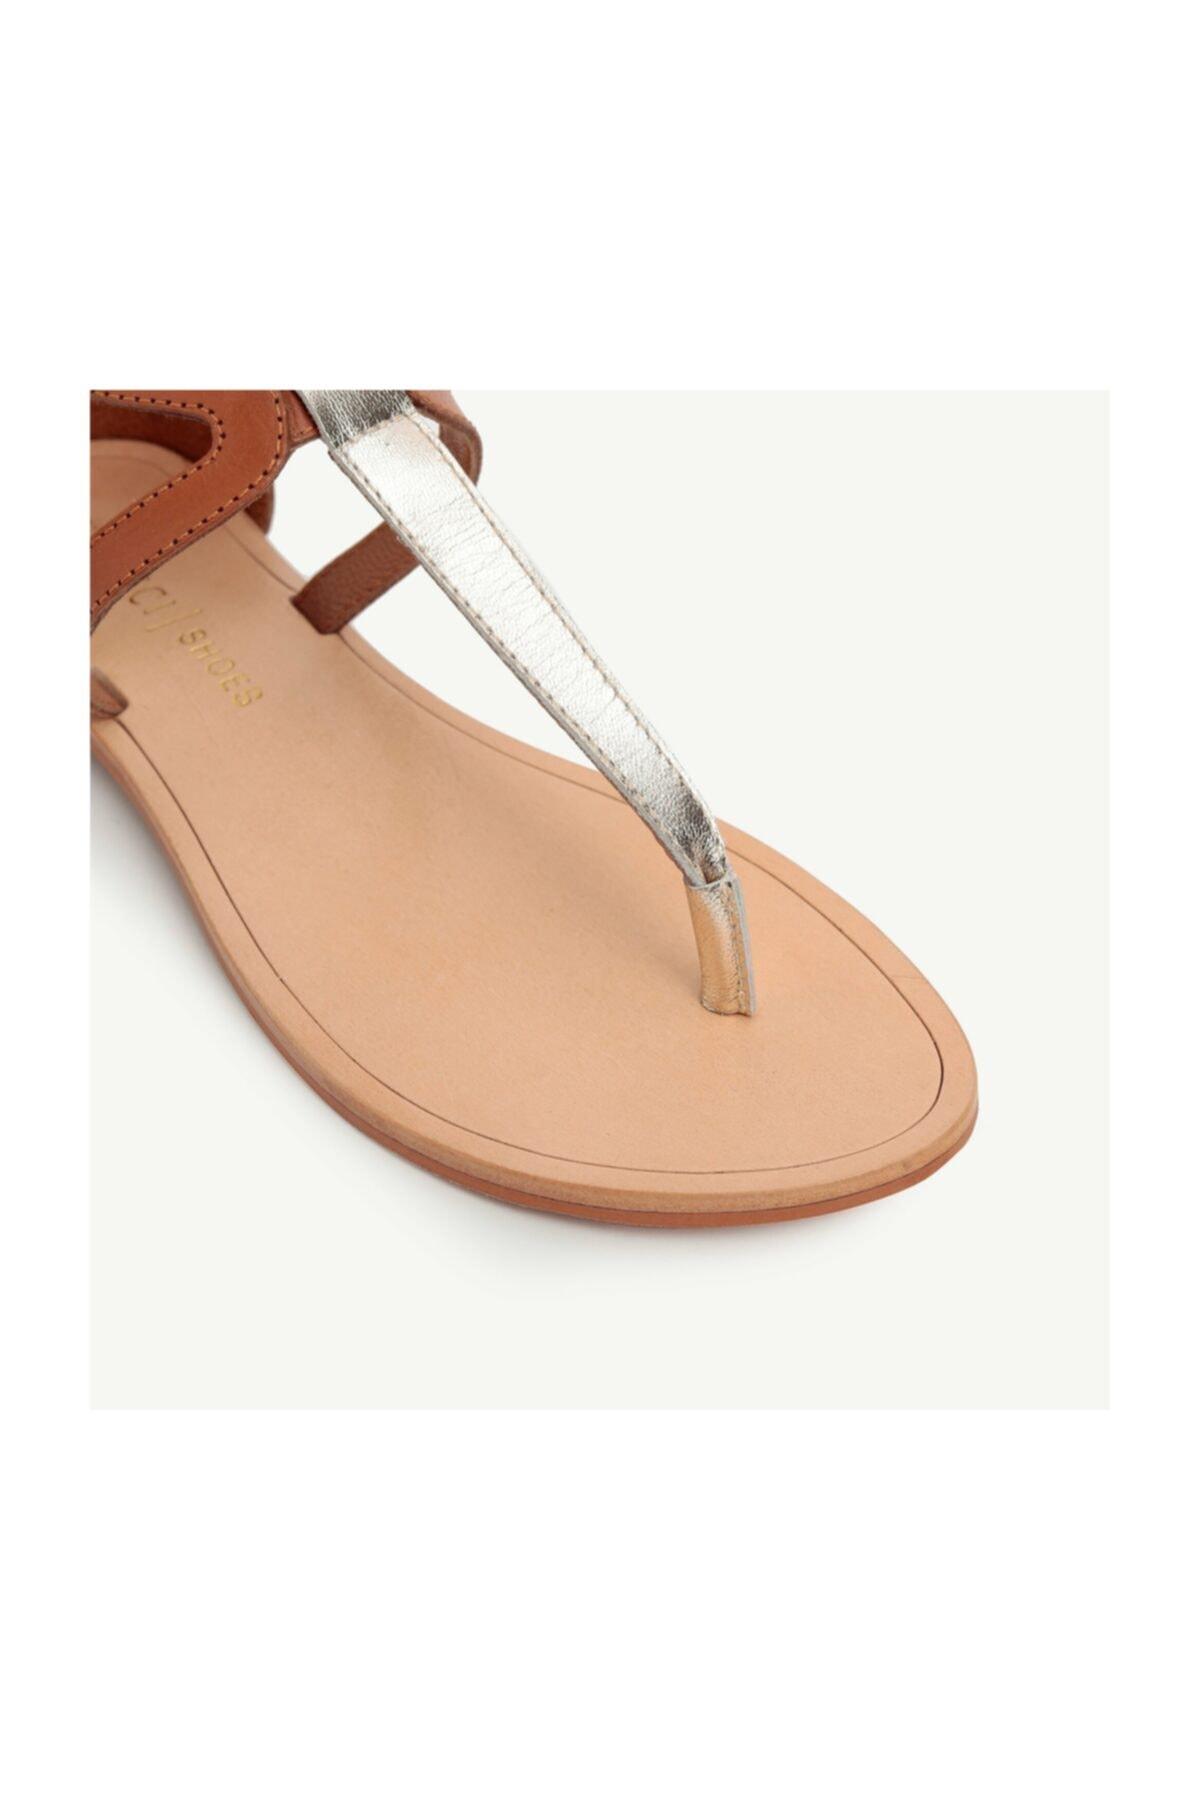 Yargıcı Kadın Deri Sandalet 2